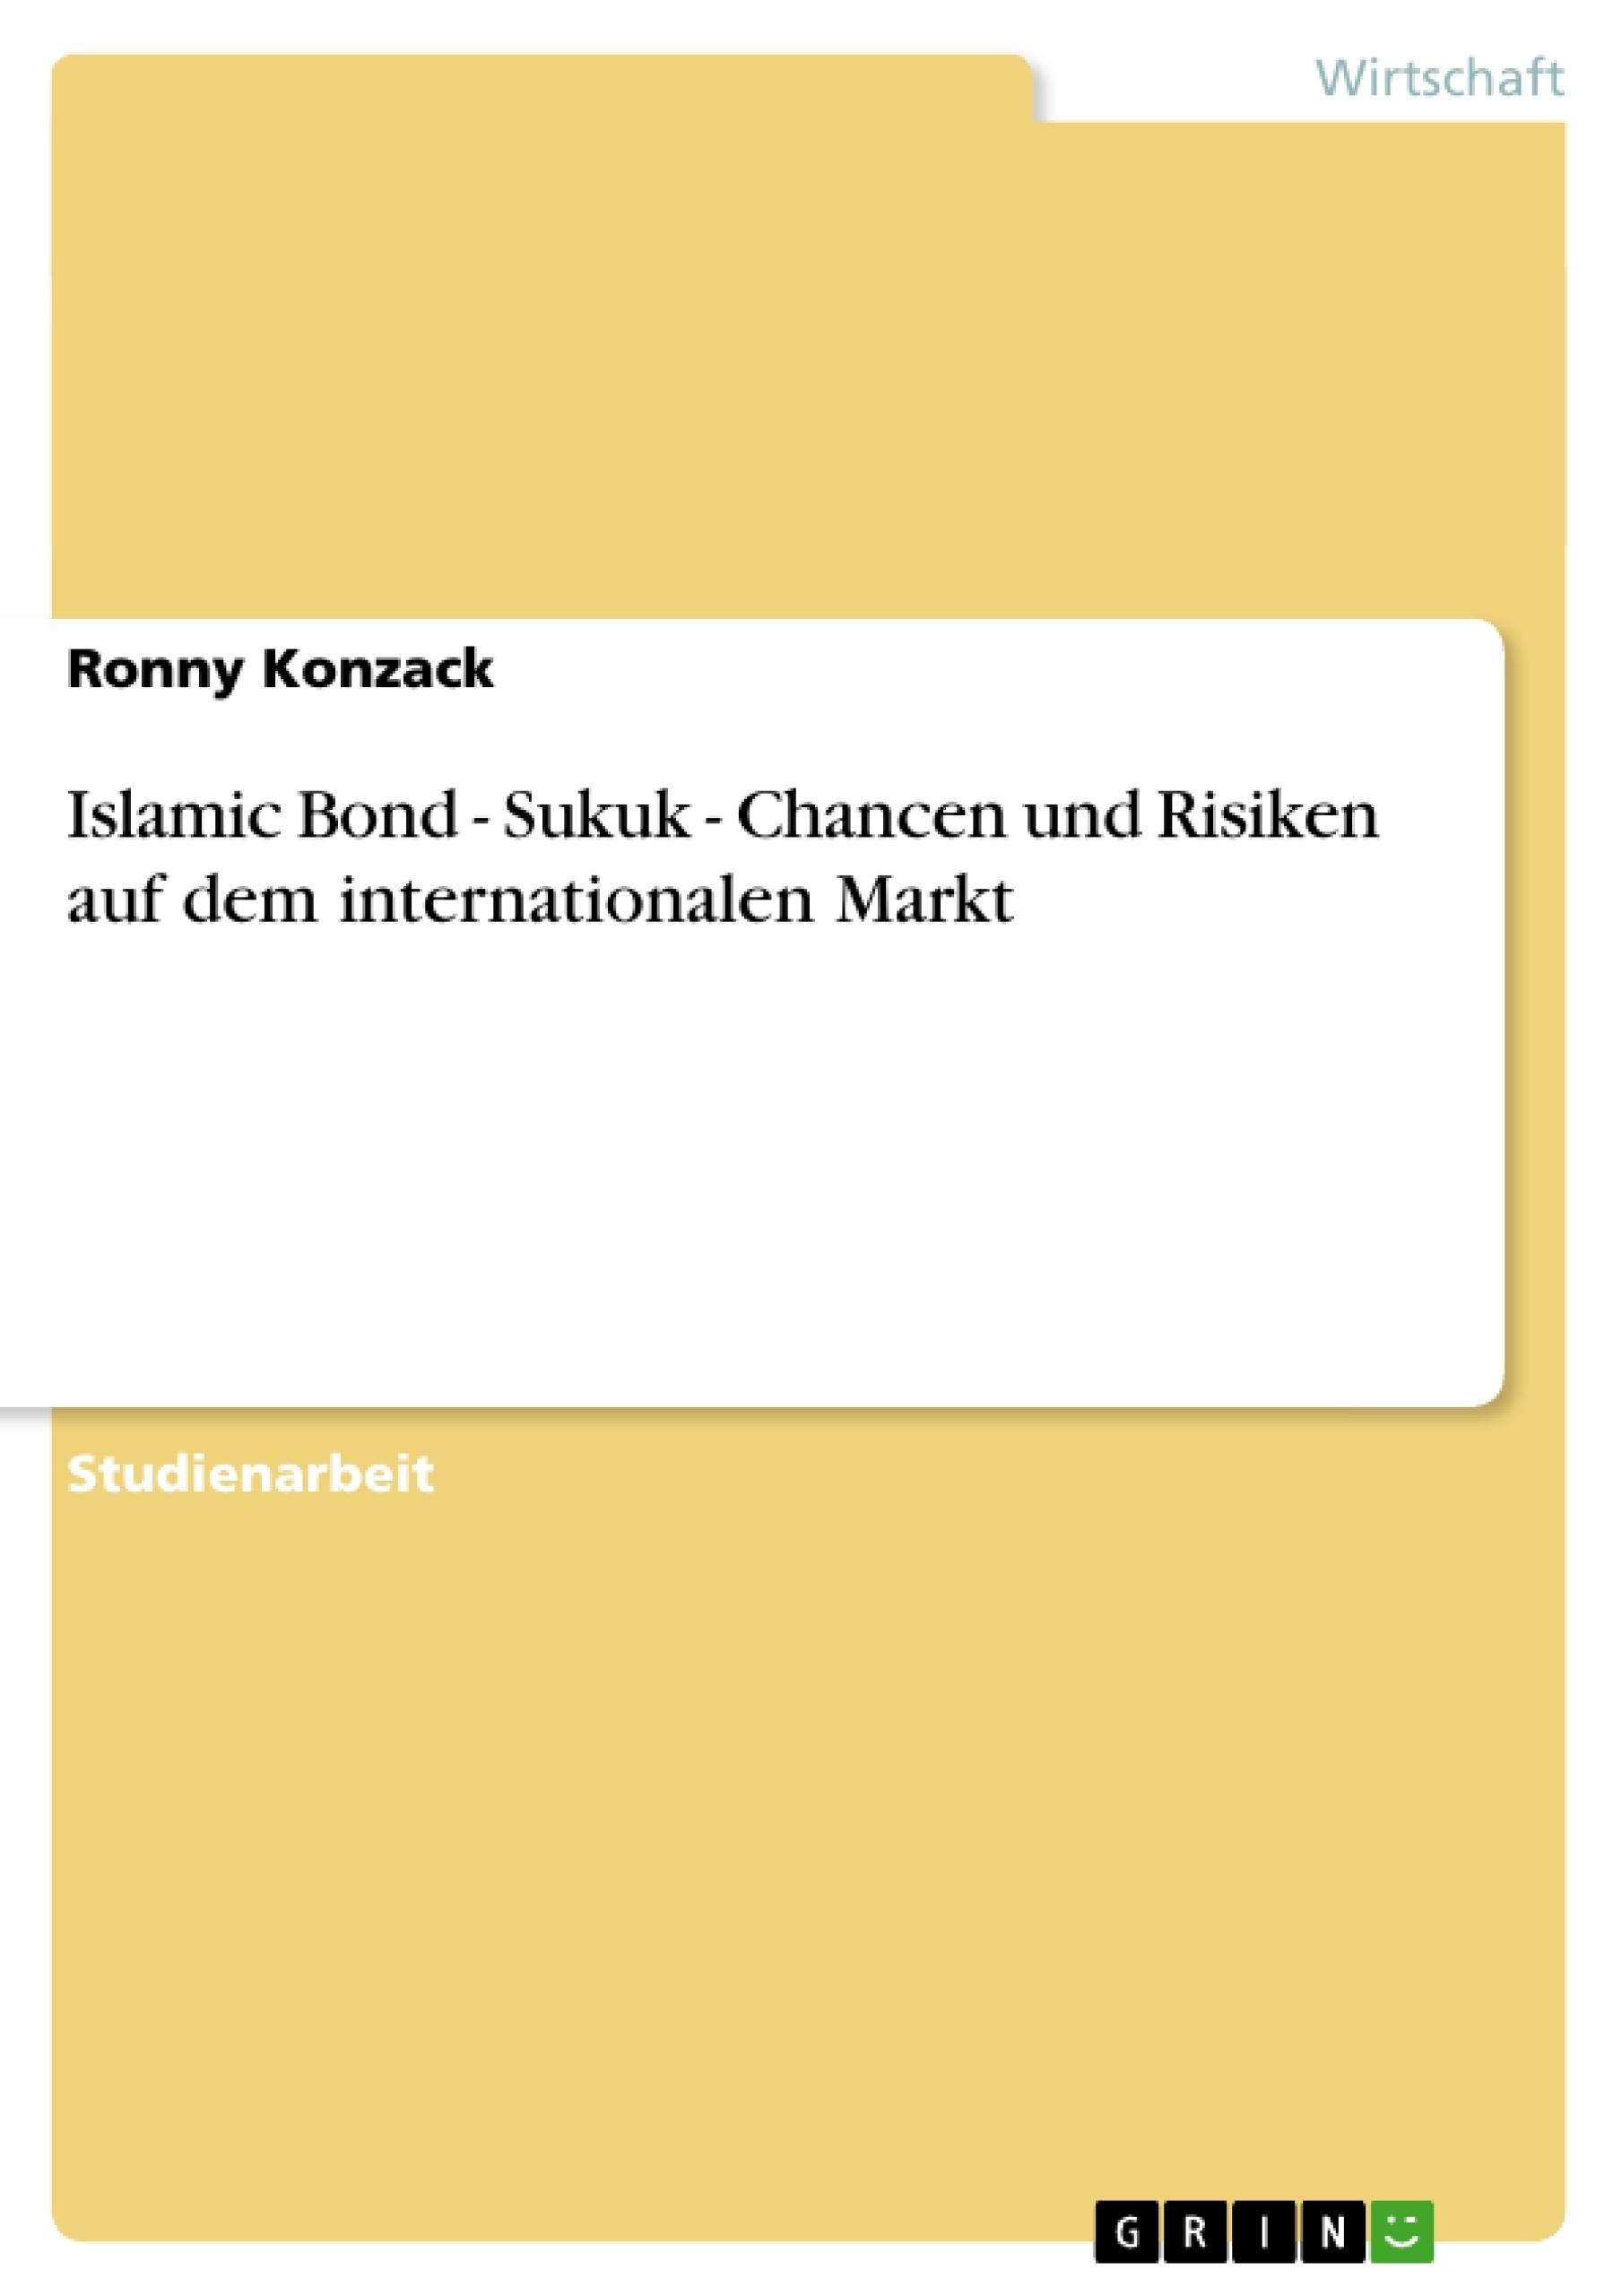 Titel: Islamic Bond - Sukuk - Chancen und Risiken auf dem internationalen Markt